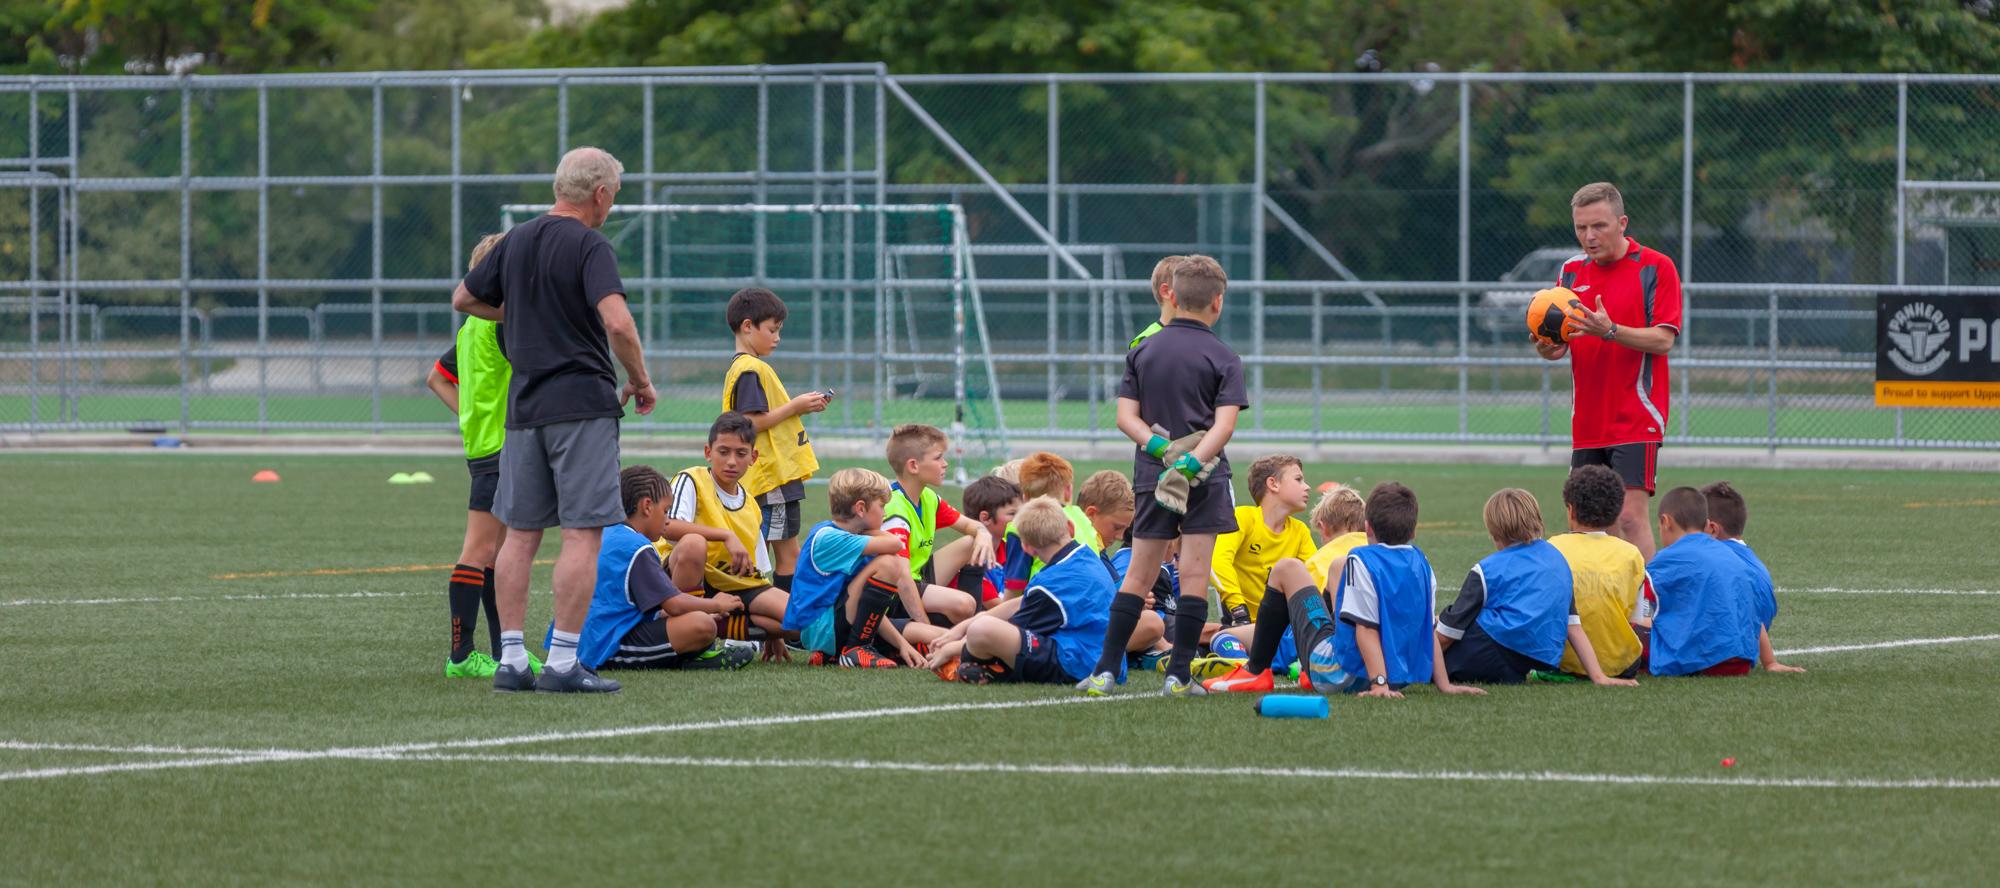 UHCC Soccer Coach 4512-Pano